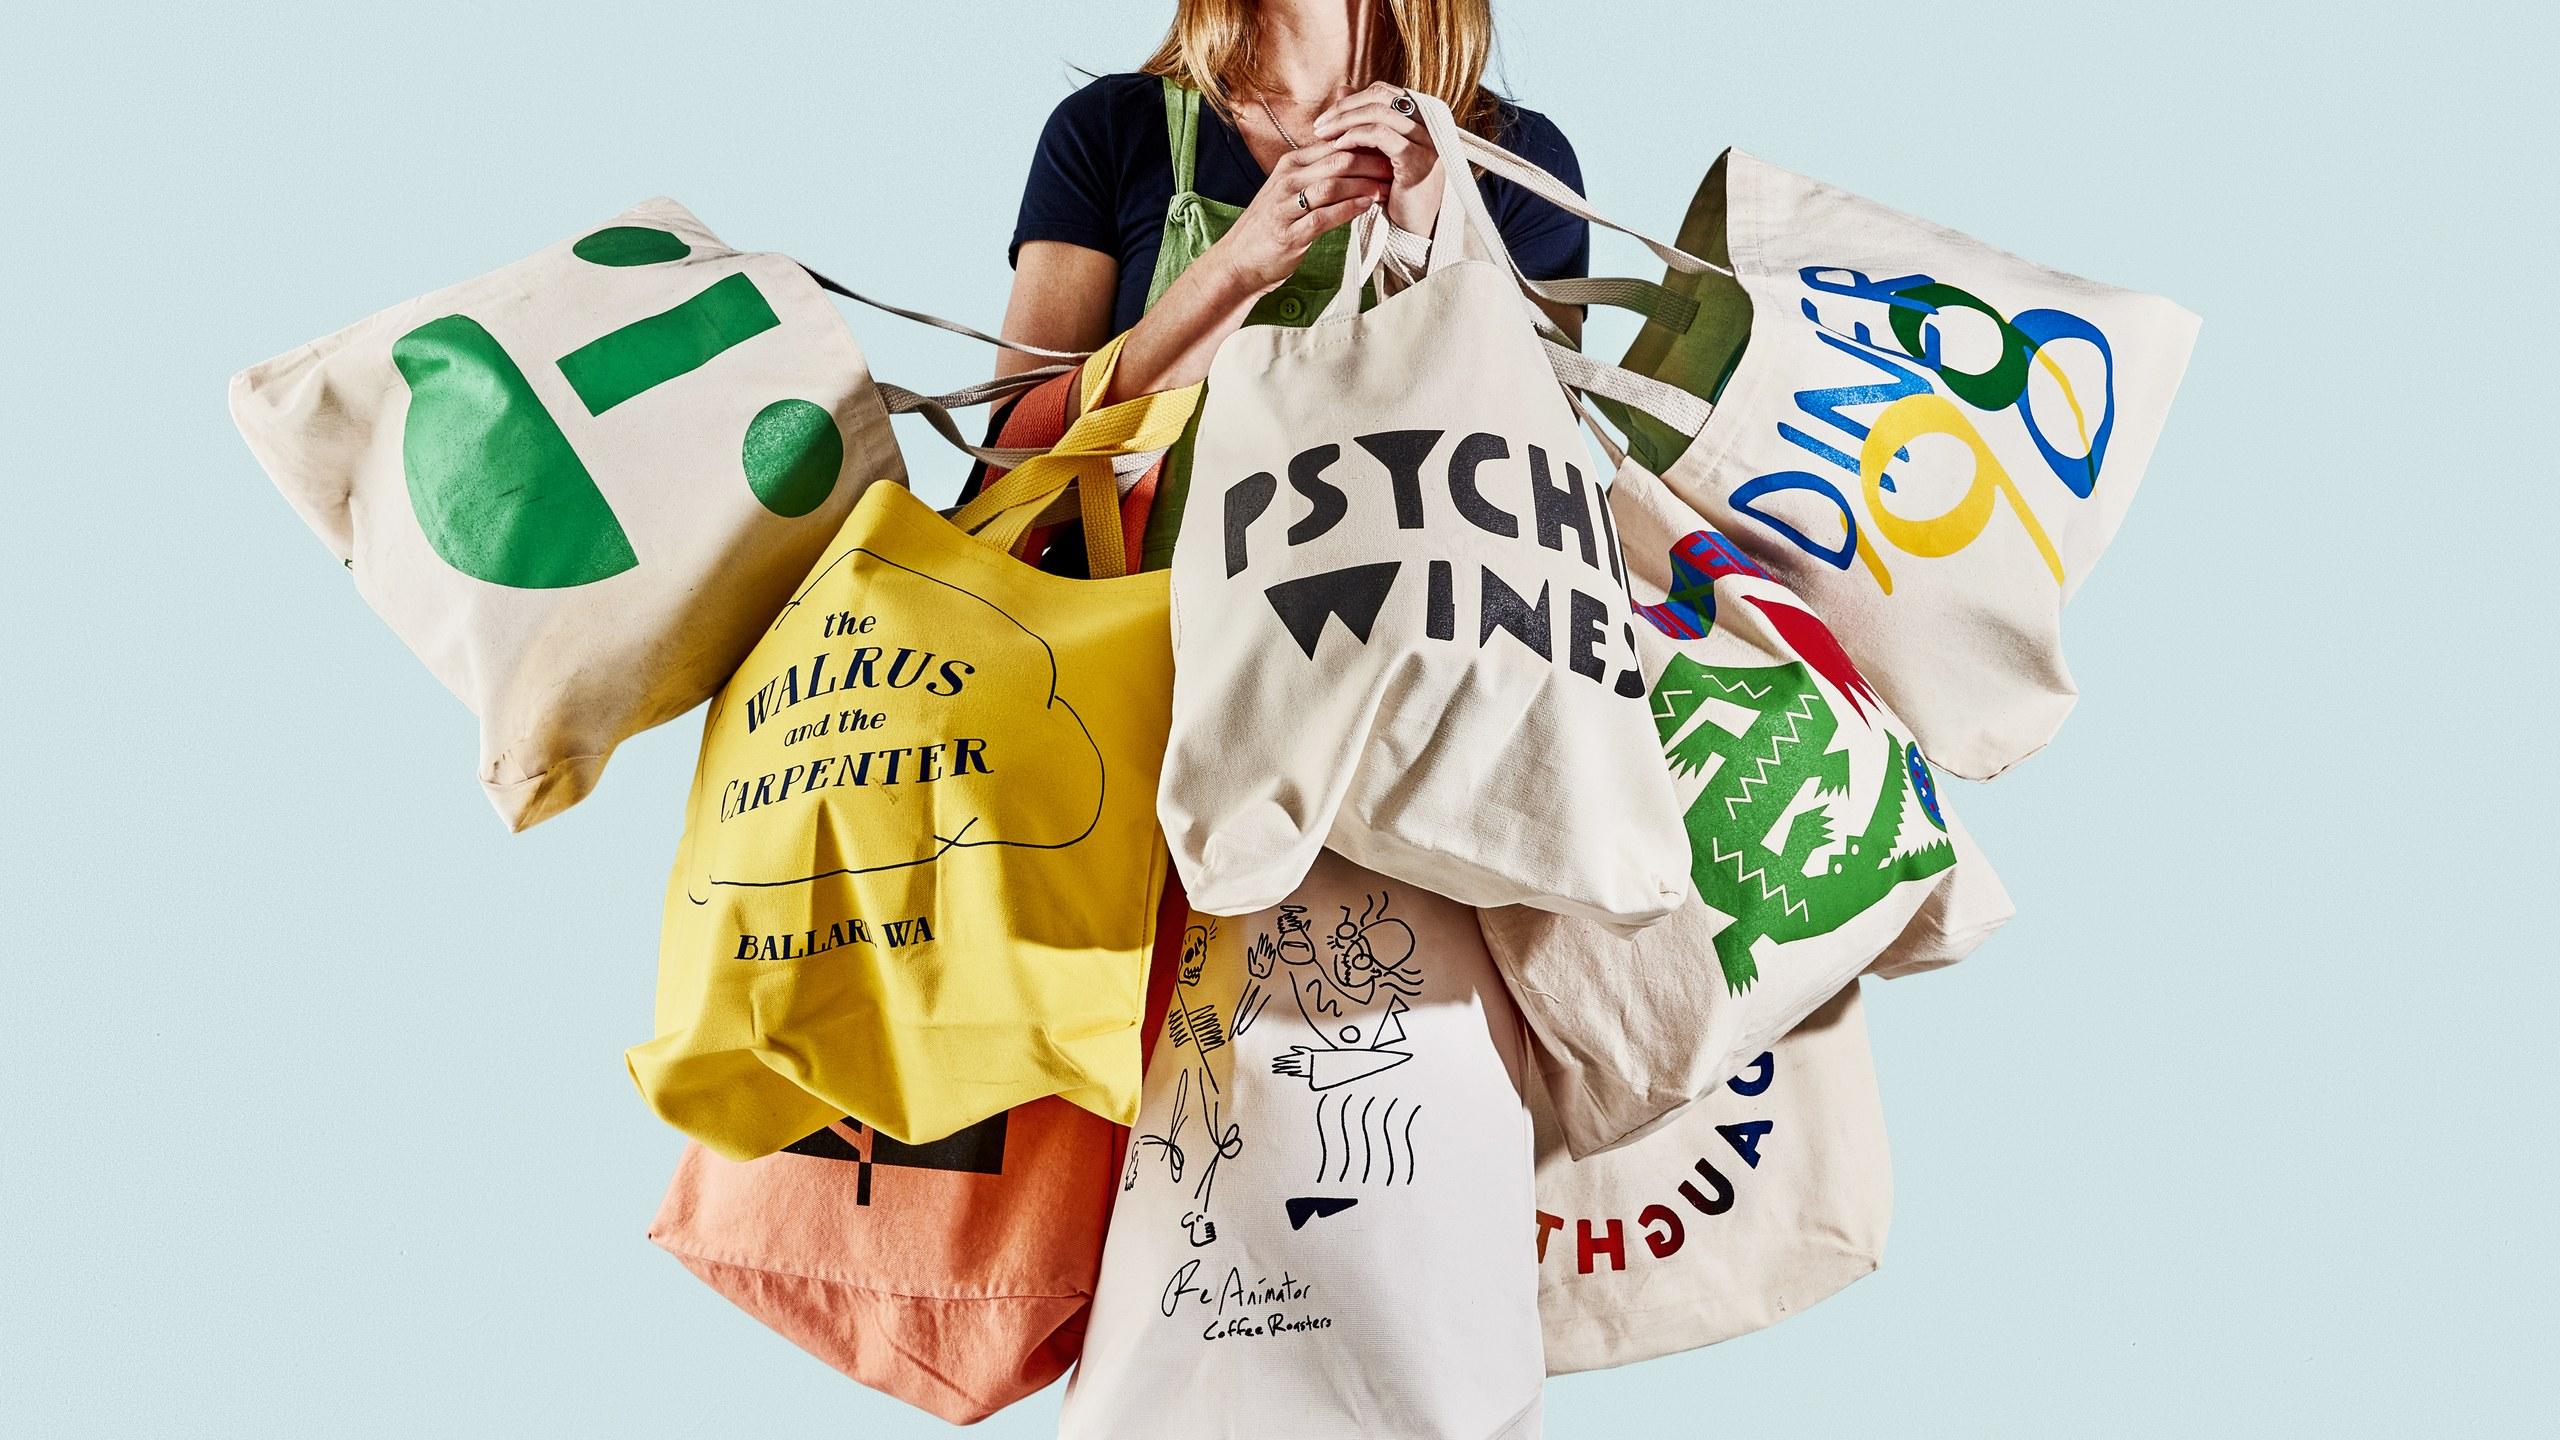 Sử dụng túi vải để đi chợ sẽ góp phần giảm thiểu lượng rác thải ra và giúp bảo vệ môi trường trở nên xanh – sạch – đẹp hơn